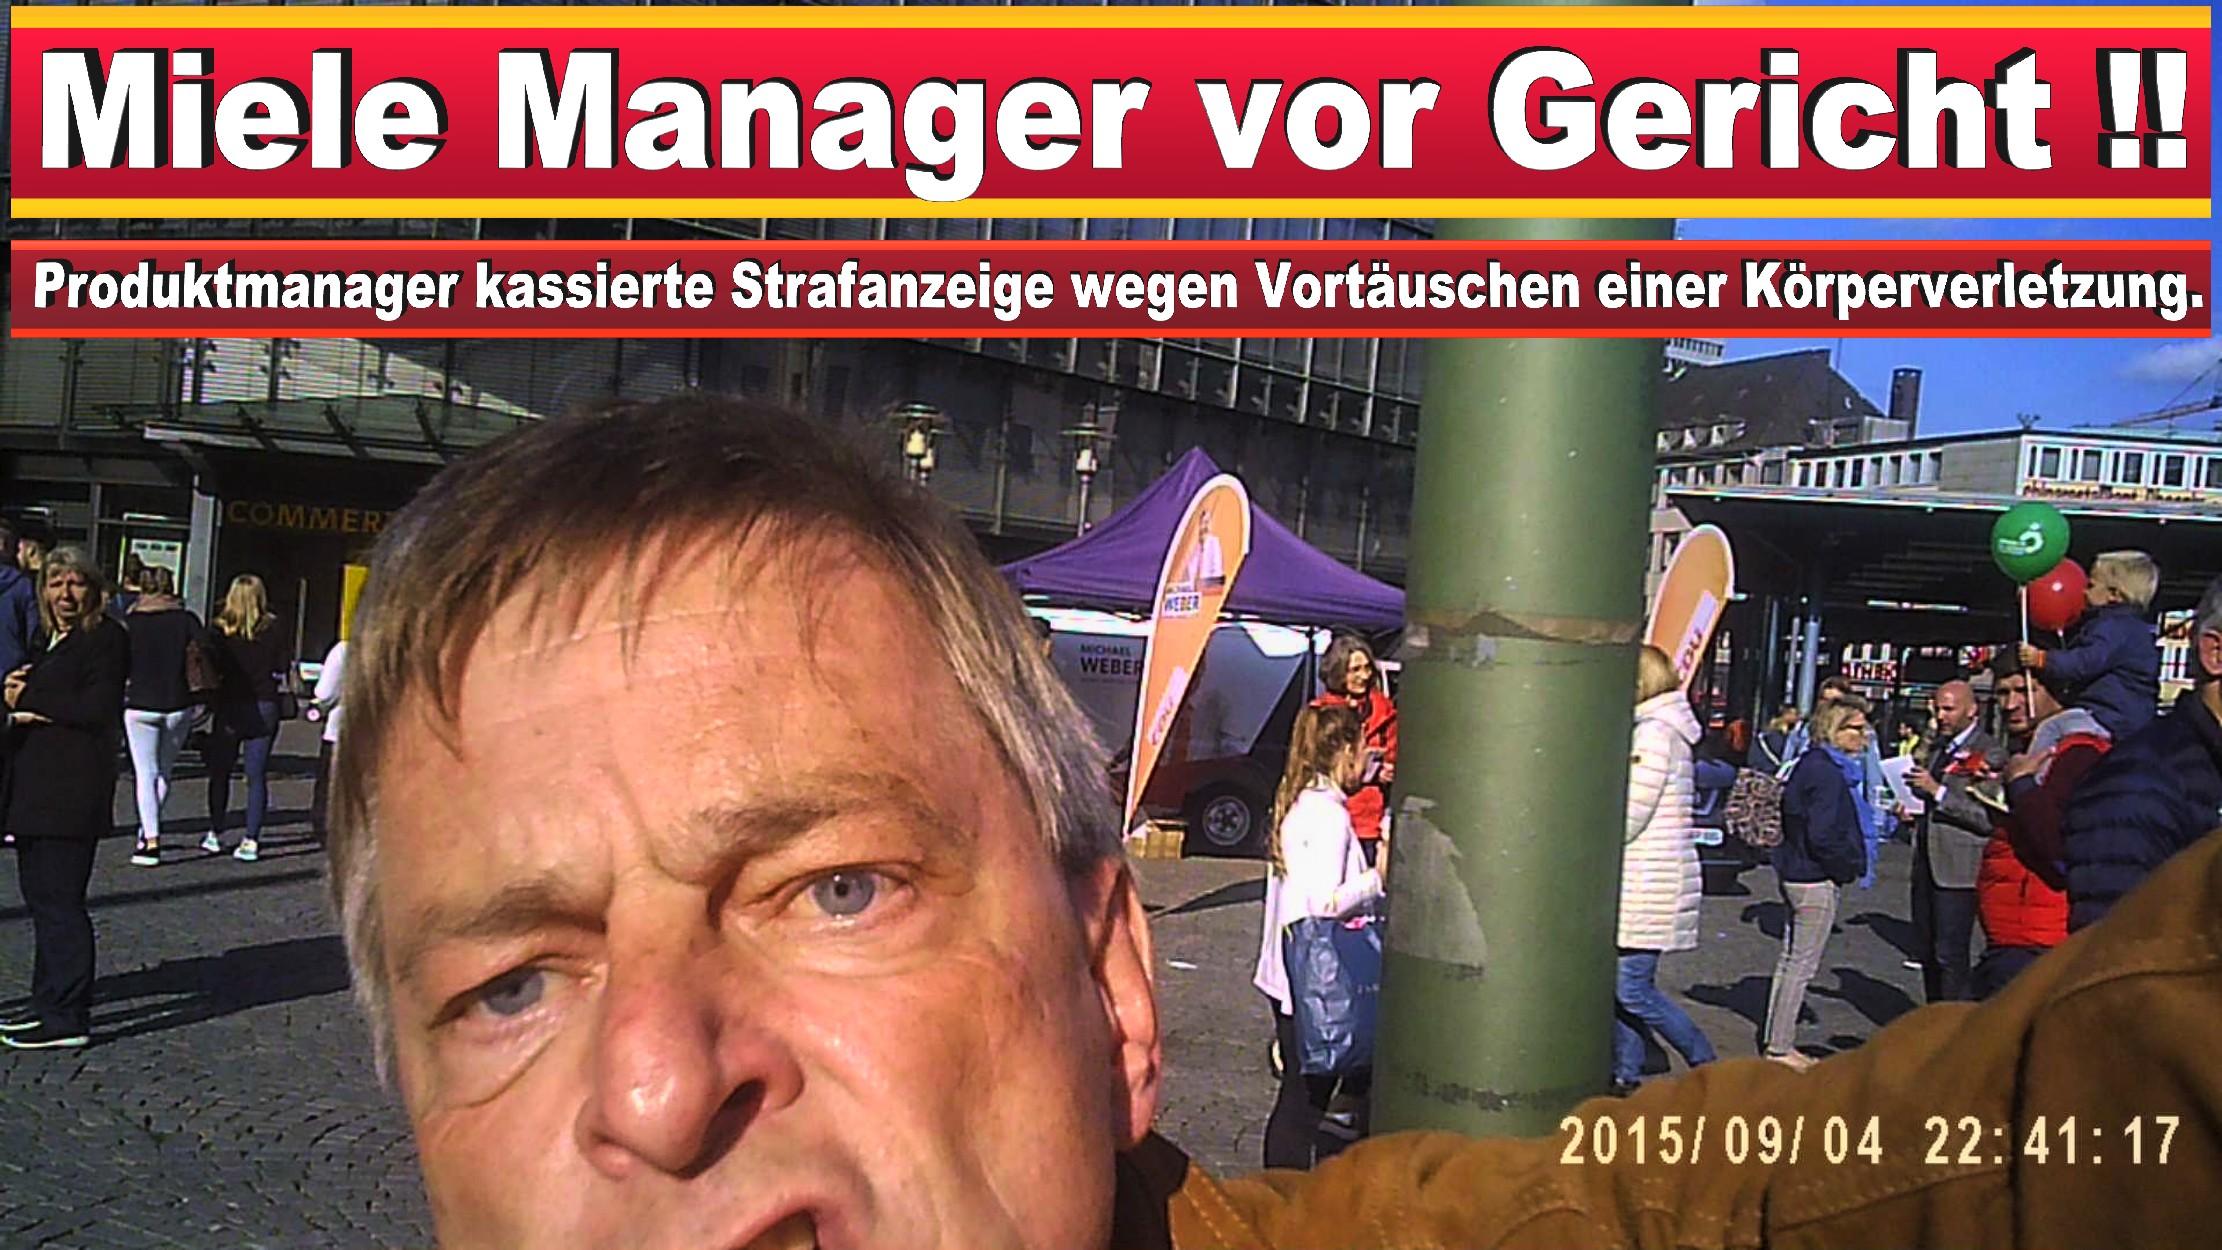 CDU BIELEFELD POLIZEIGEWALT GEWALTAUSBRUCH UND STRAFANZEIGE GEGEN EINEN JOURNALISTEN (16)